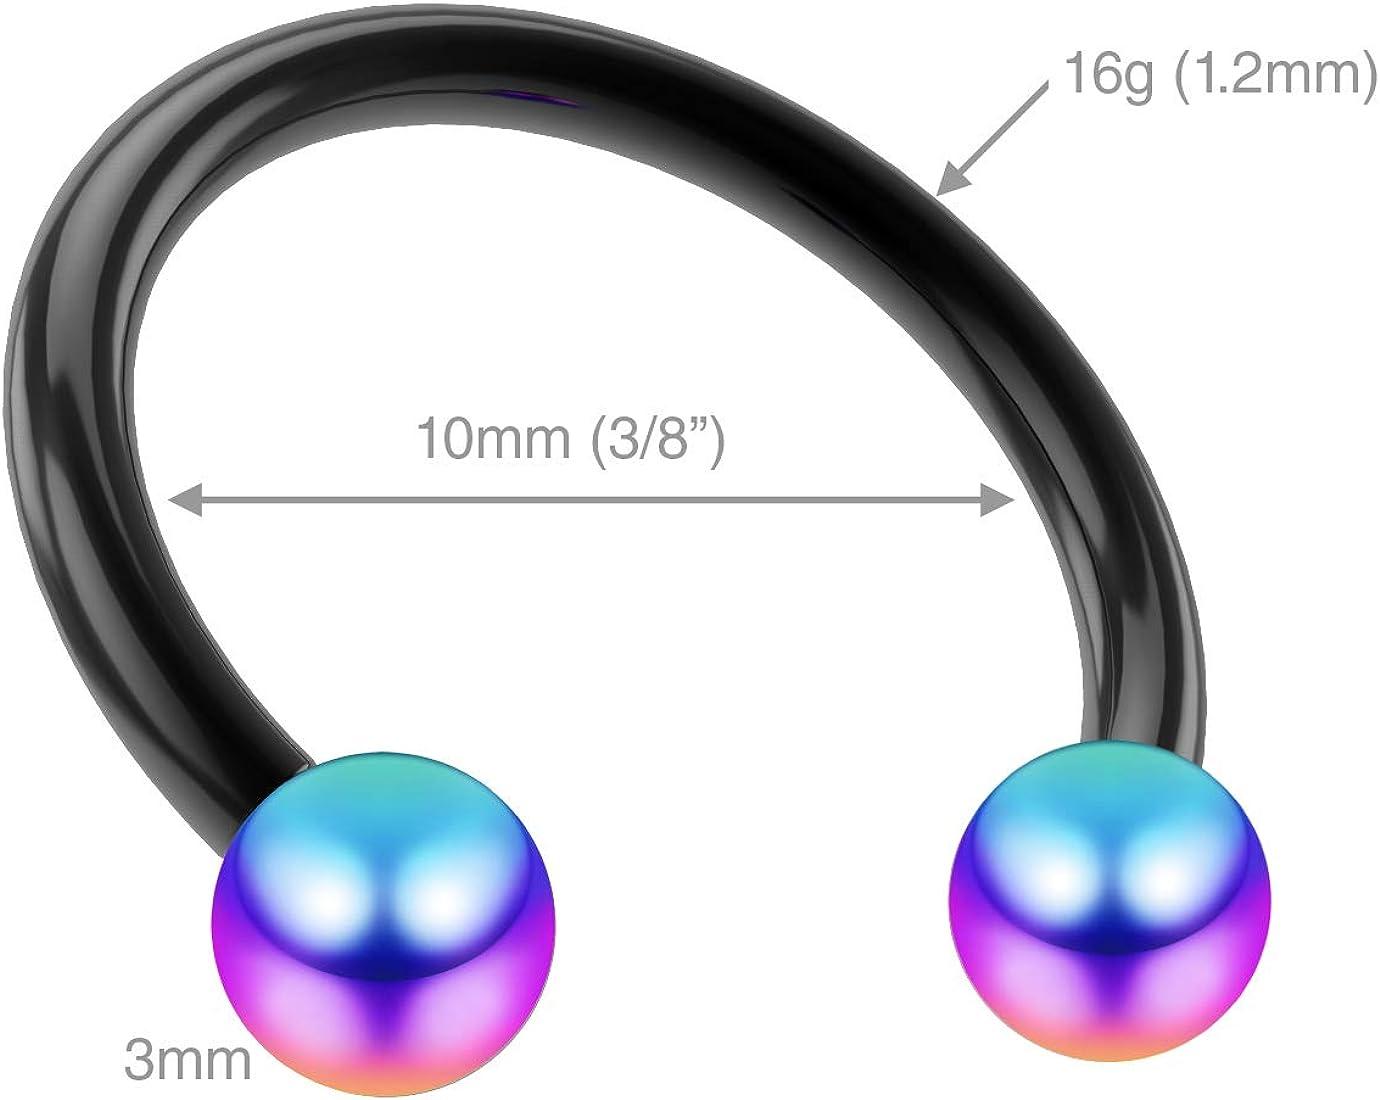 Bling Unique 6pc 16g Rainbow Gage Gauge Helix Jewelry Lip Lobe Men Nipplerings Nose Pierced Earring 6mm 8mm 10mm